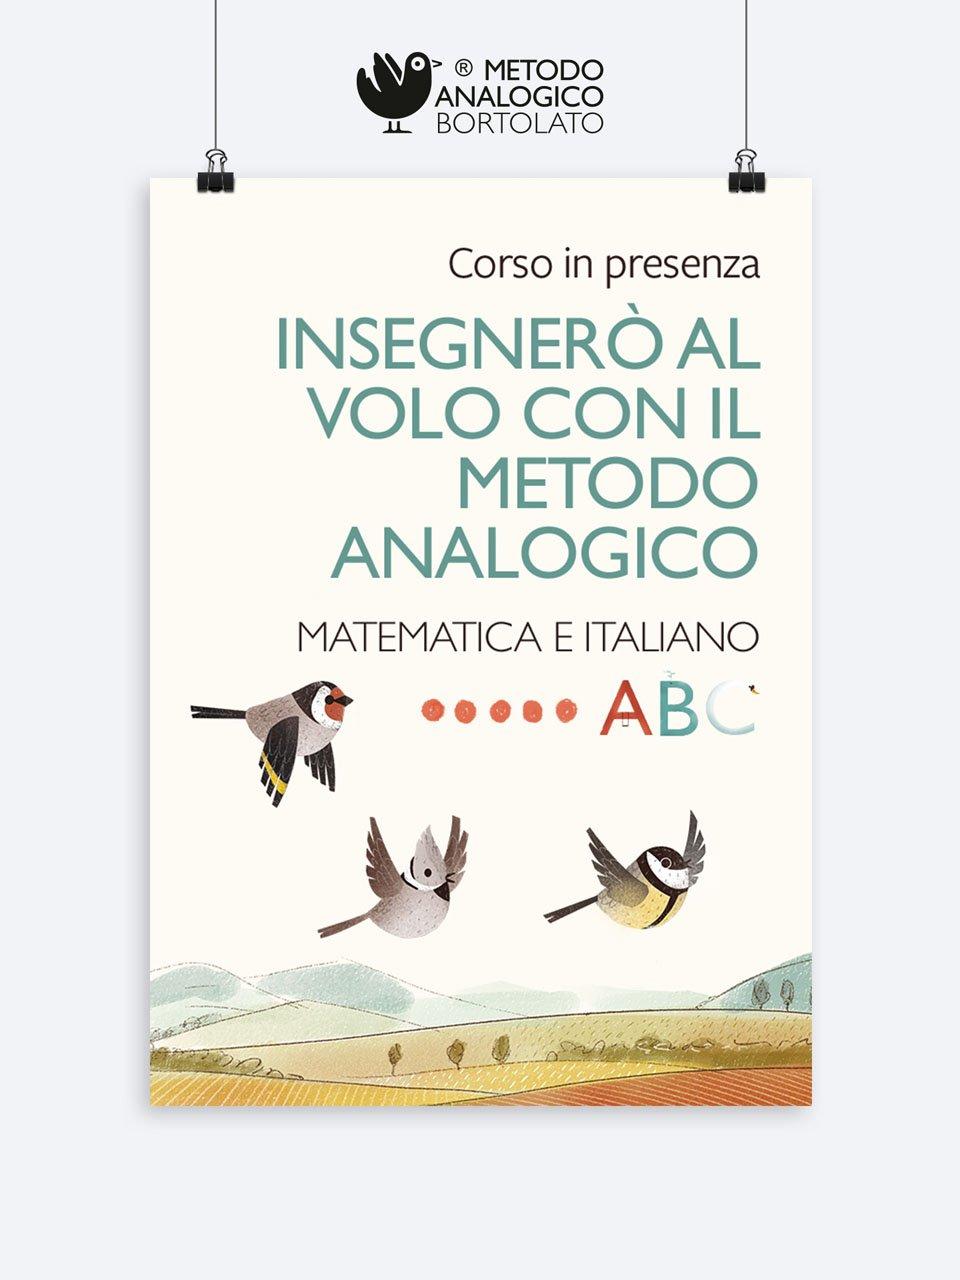 Insegnerò al volo con il Metodo Analogico – Matematica e italiano ANCONA - Corsi in presenza - Erickson